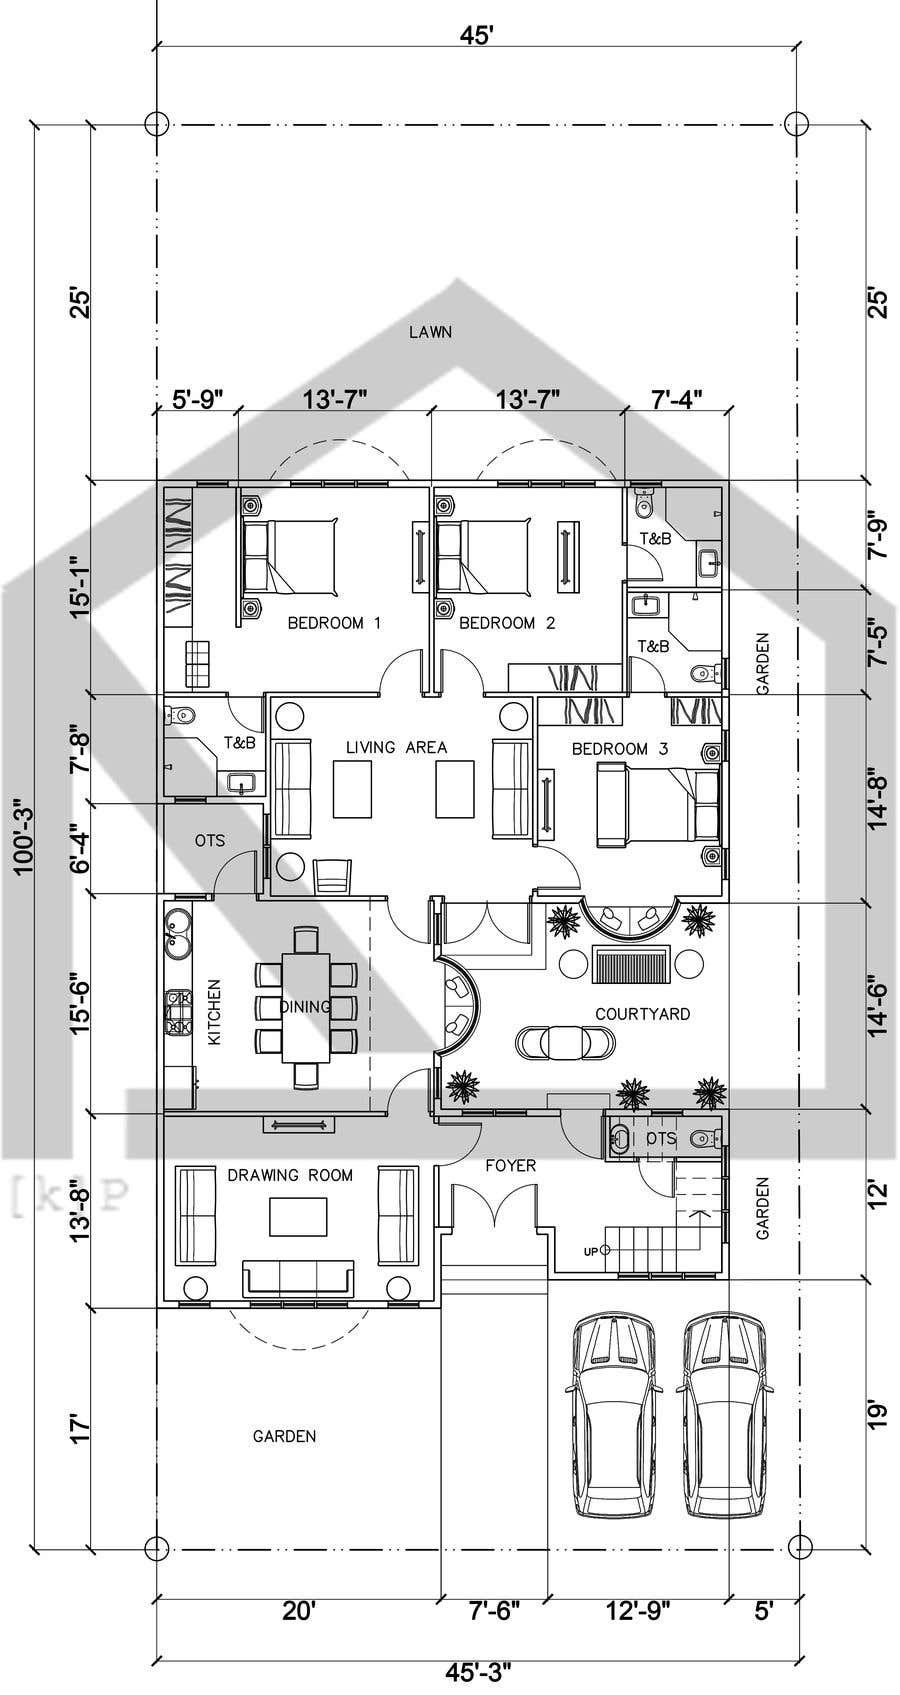 Proposition n°                                        52                                      du concours                                         Build me 2D Floor Plan for 2 Floor house!